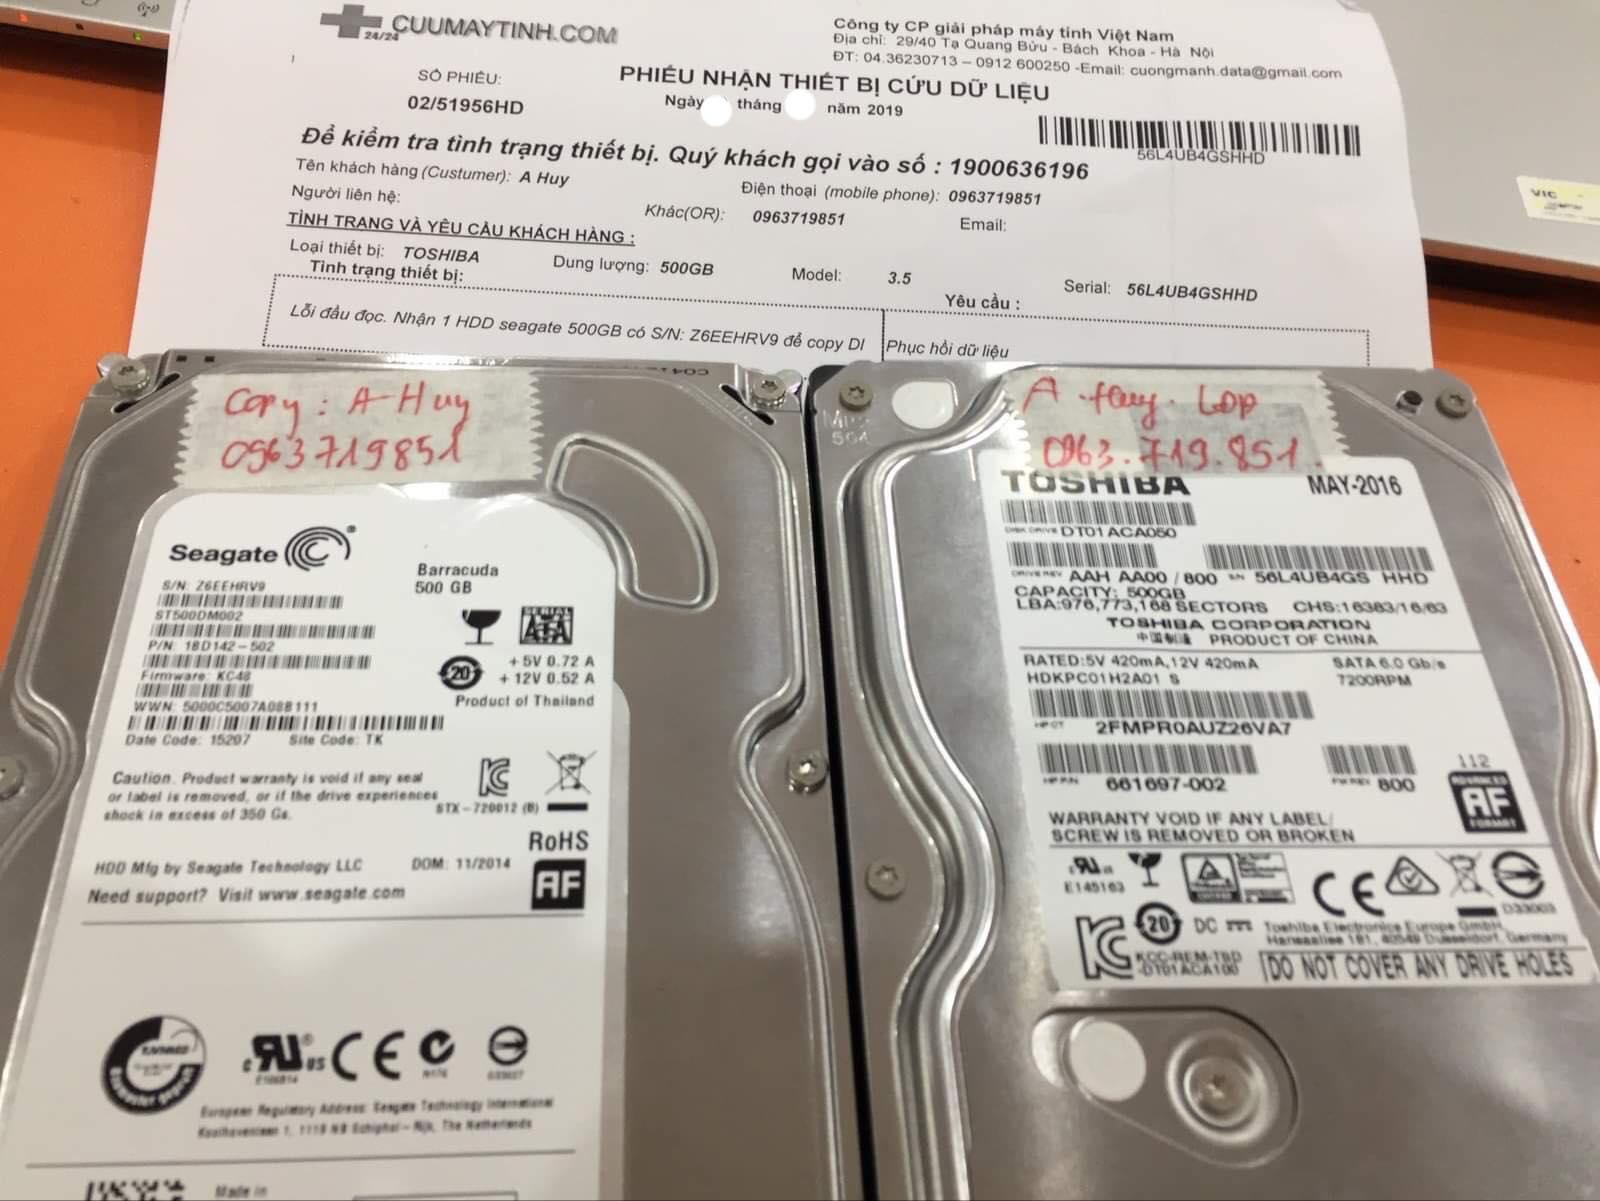 Cứu dữ liệu ổ cứng Toshiba 500GB không nhận 03/06/2019 - cuumaytinh